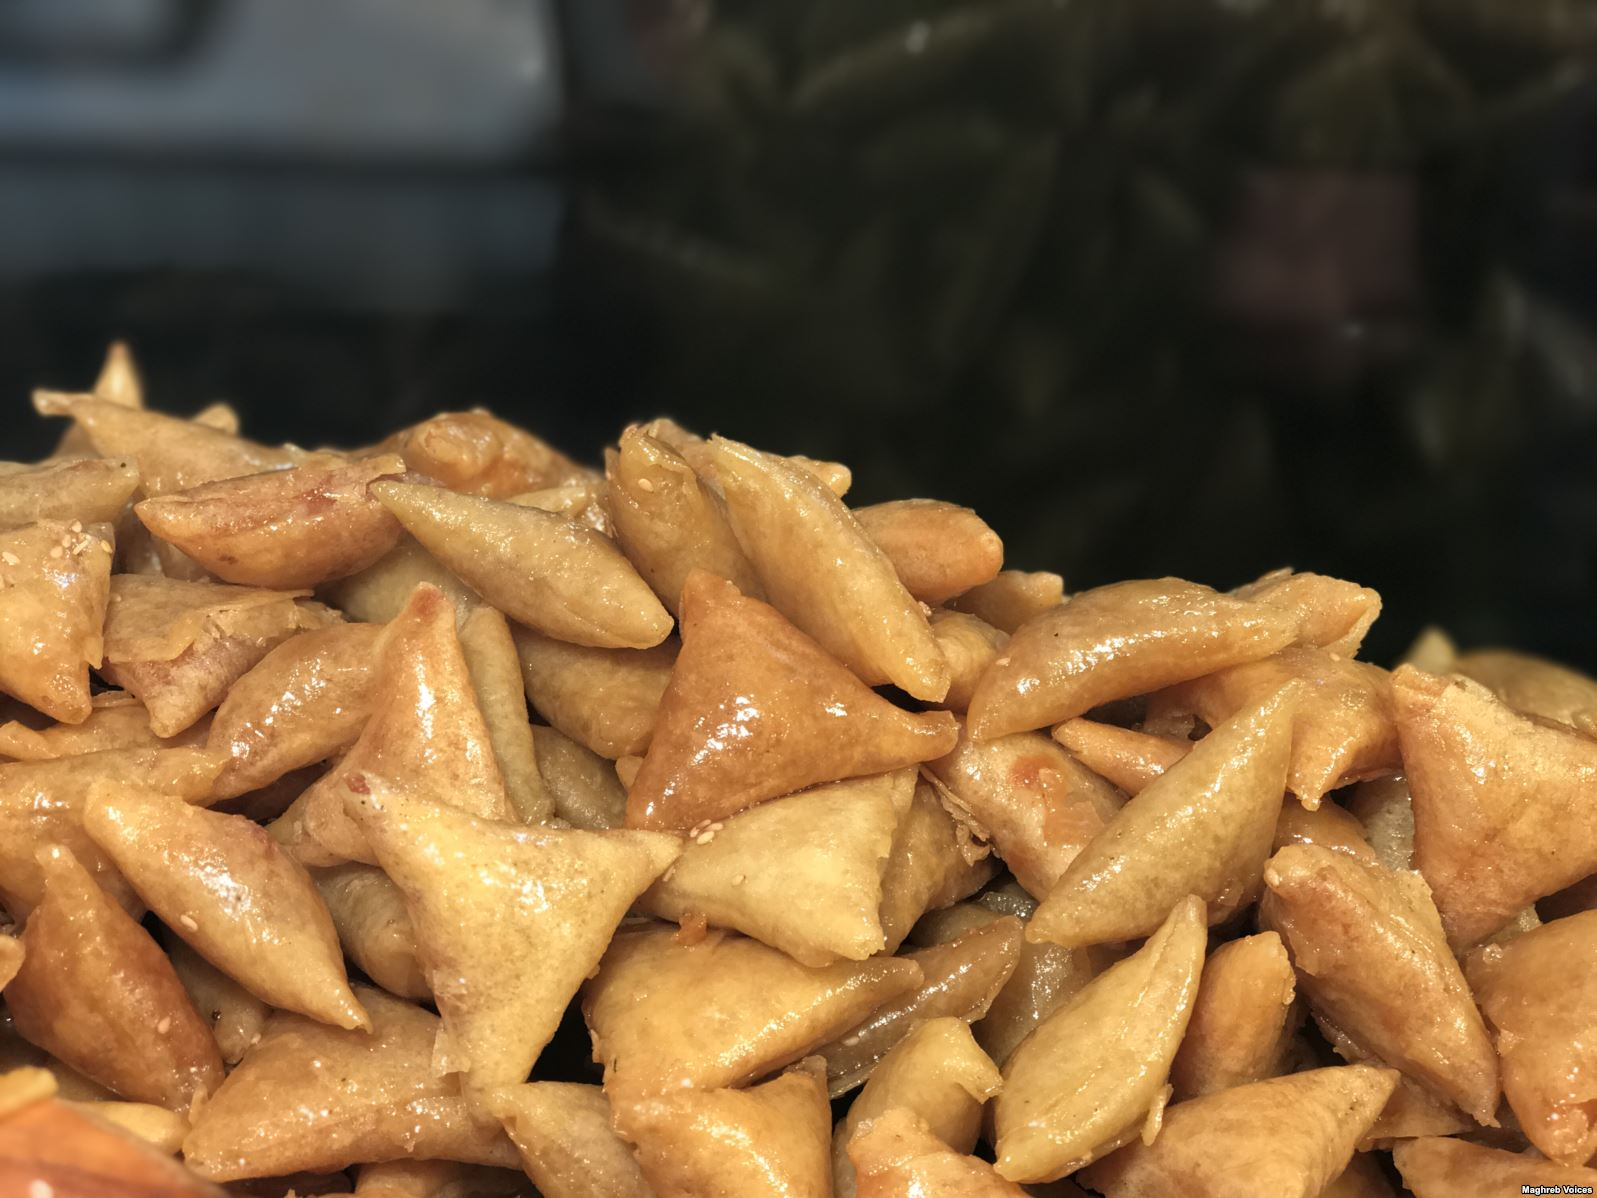 صور حلويات رمضان مغربية , اشهى الحلويات الرمضانية من المطبخ المغربي